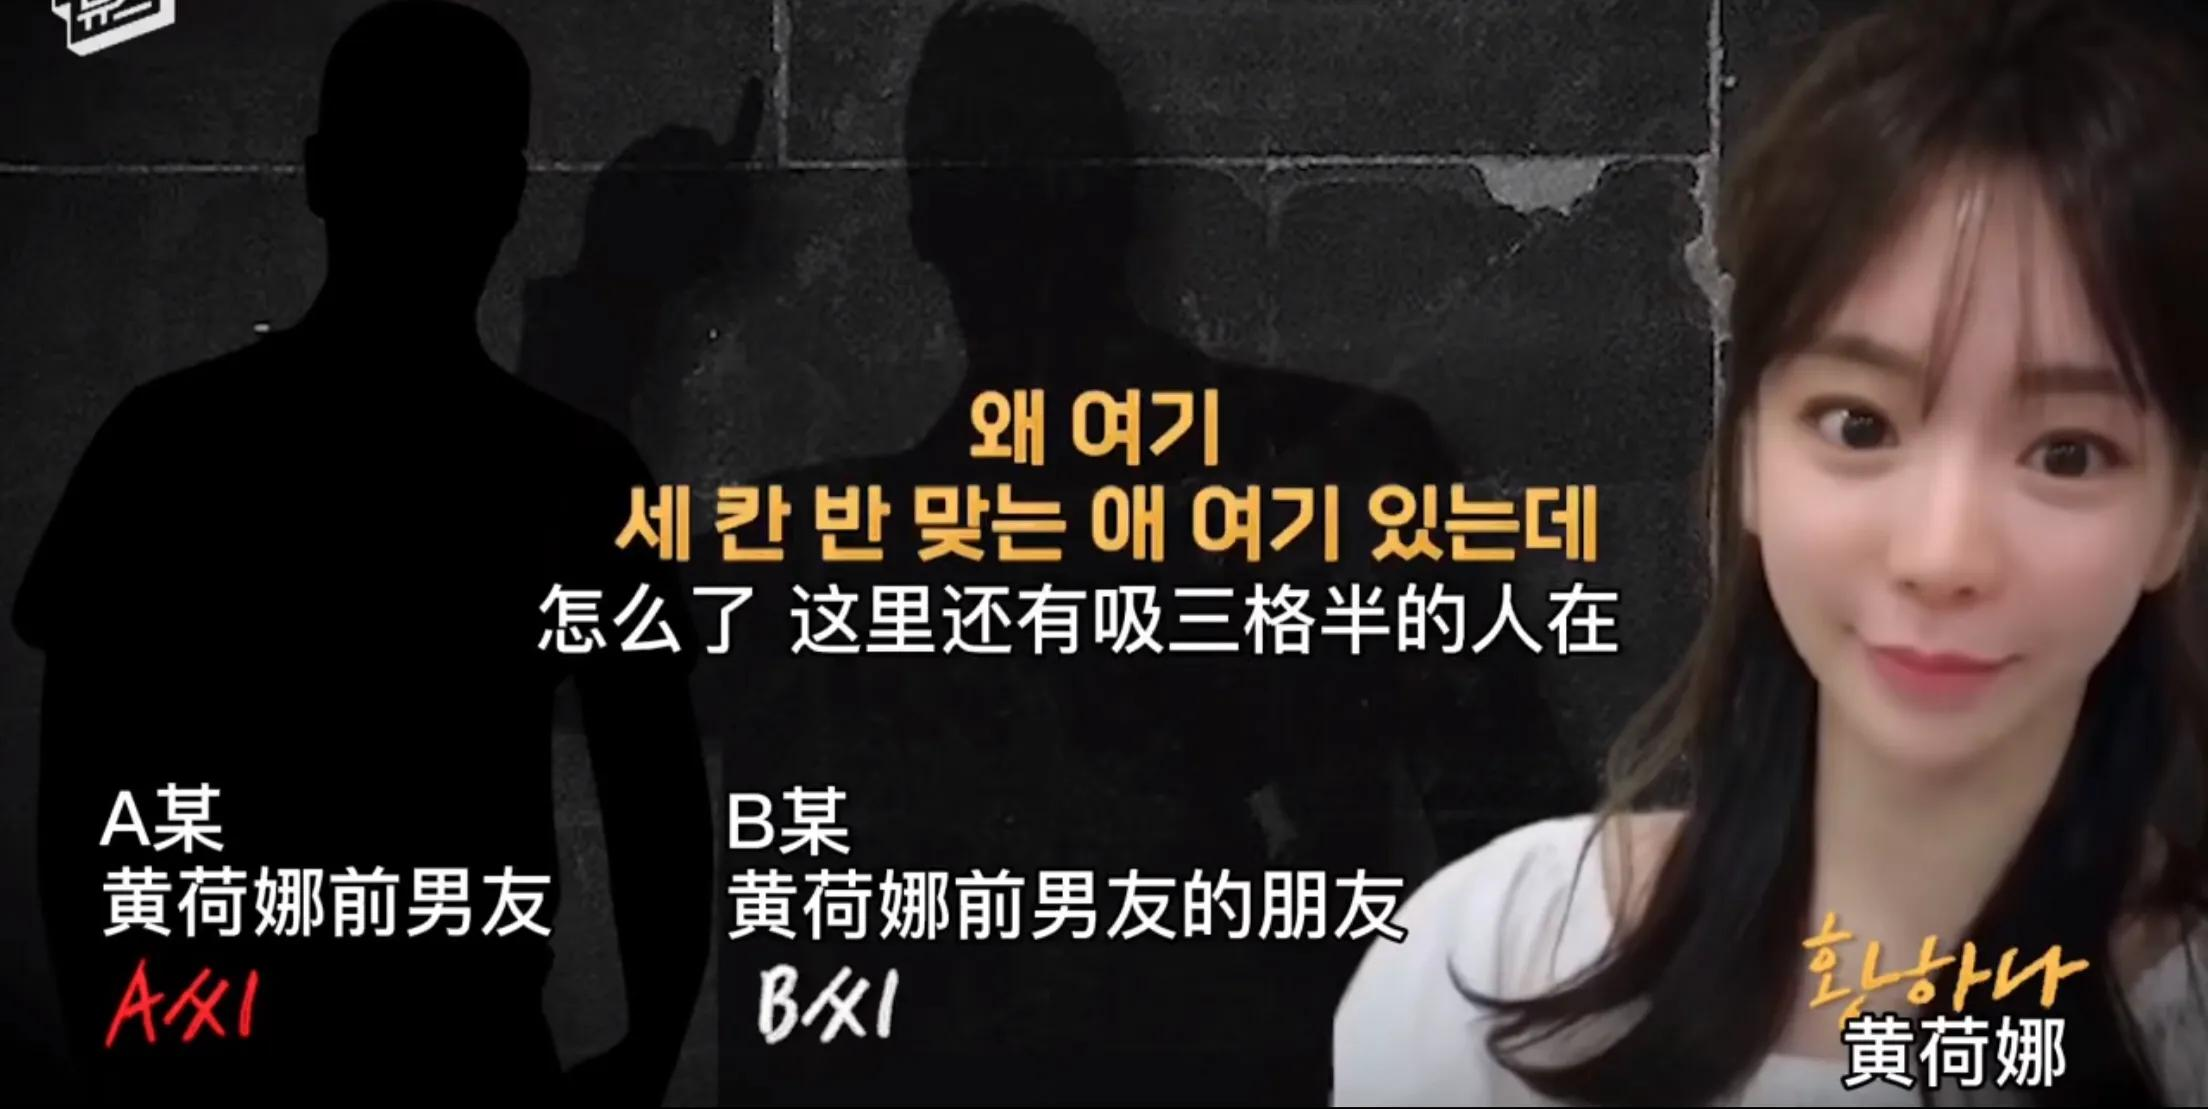 一个韩国财阀女的魔幻人生:从巨星女友到杀人嫌犯,朴有天或被冤